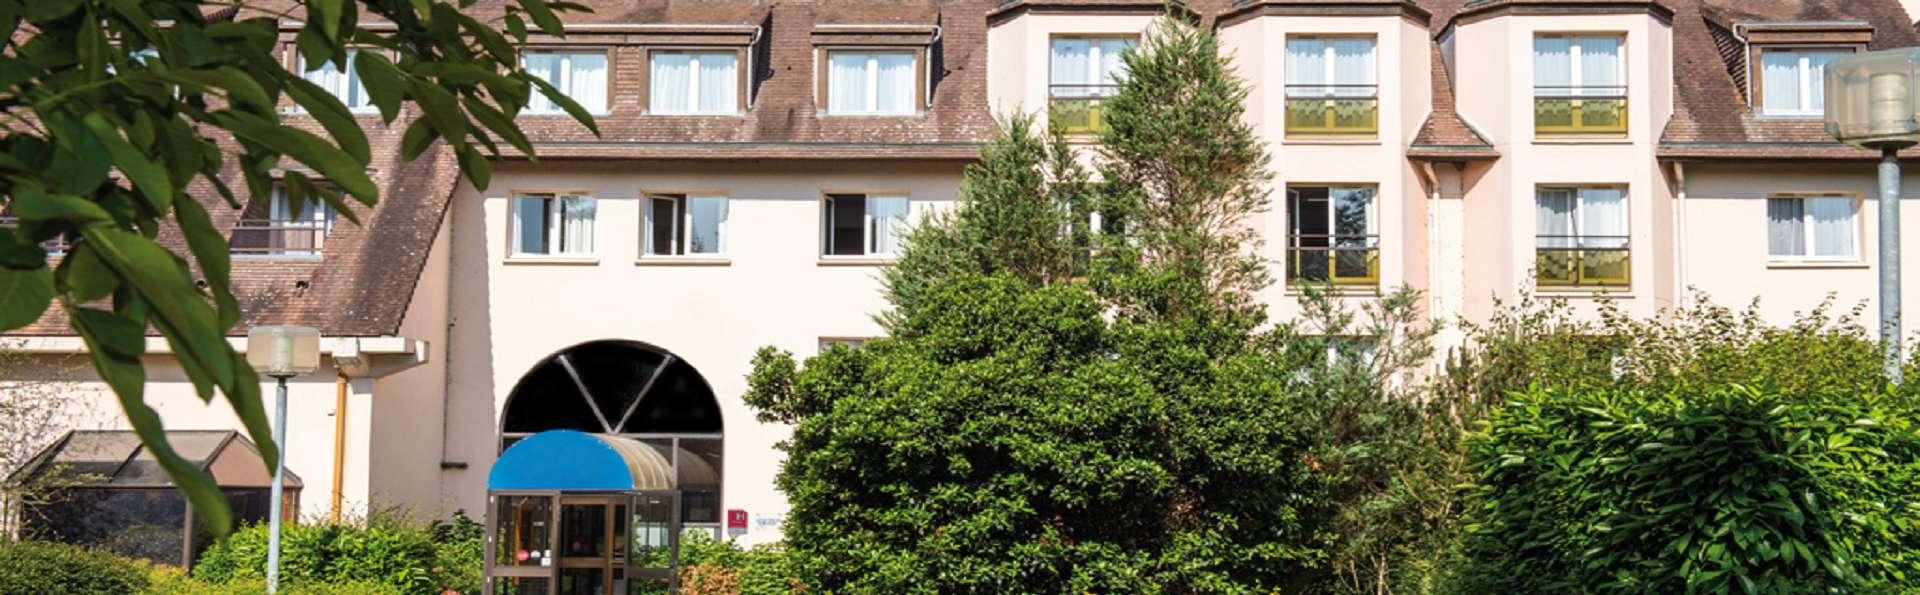 Les Jardins de Deauville - EDIT_Front_012020.jpg